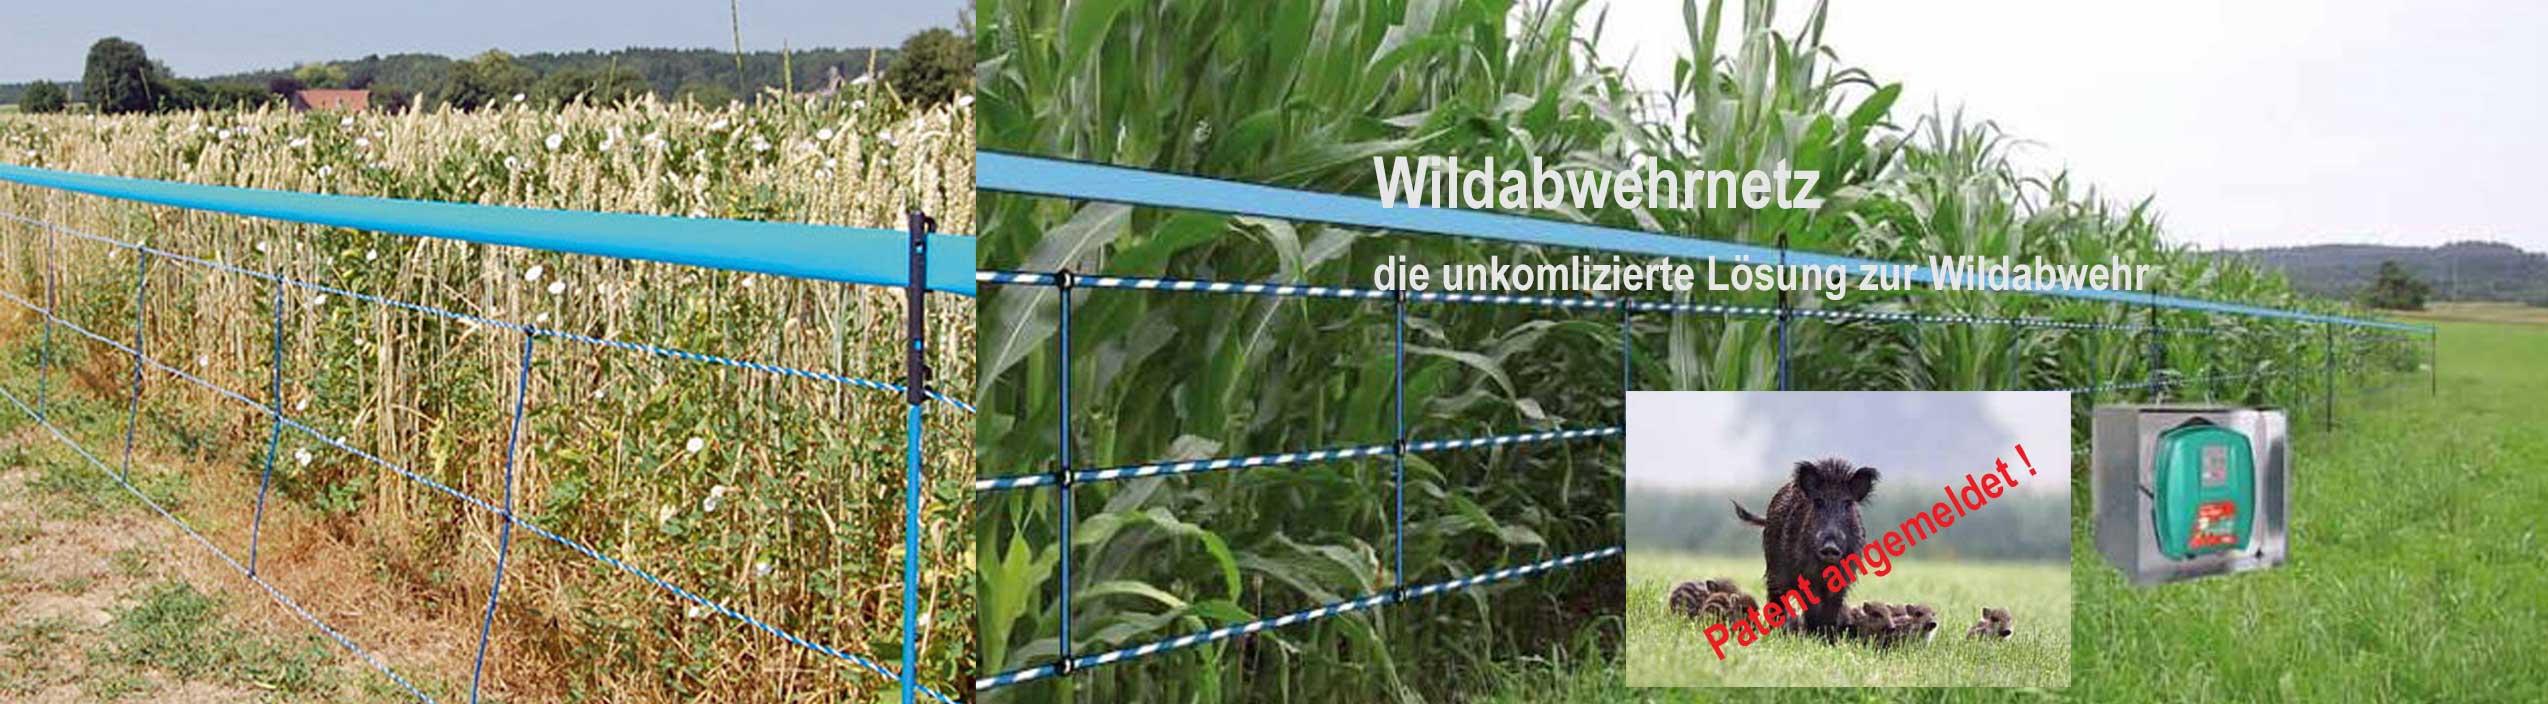 Wildabwehrnetze